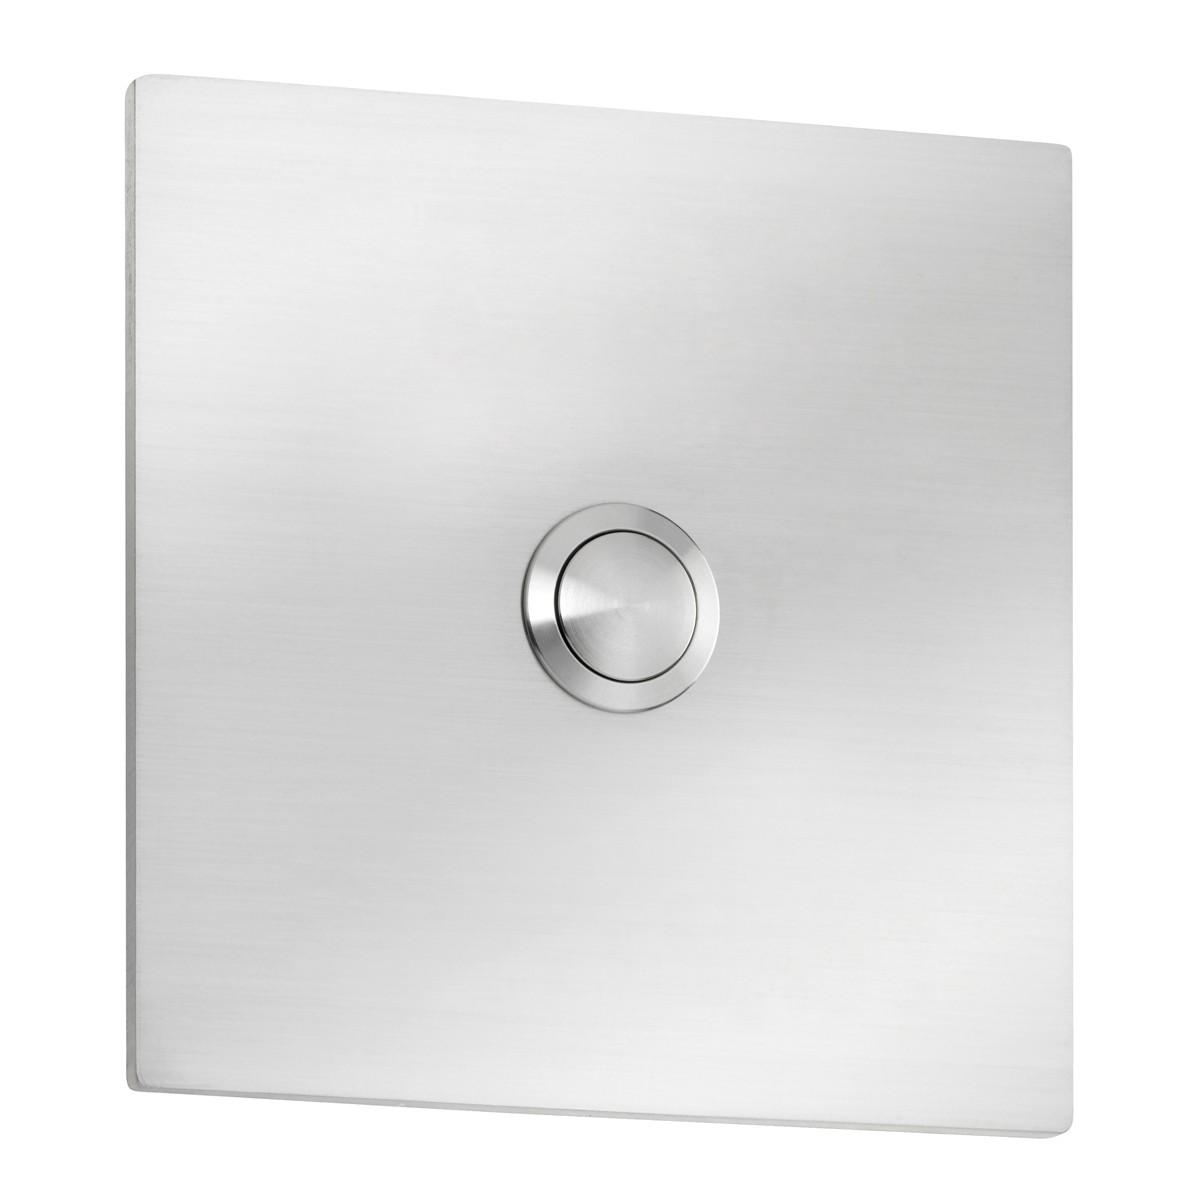 CMD Leuchten Klingelknopf Quadrat, 10 x 10 cm